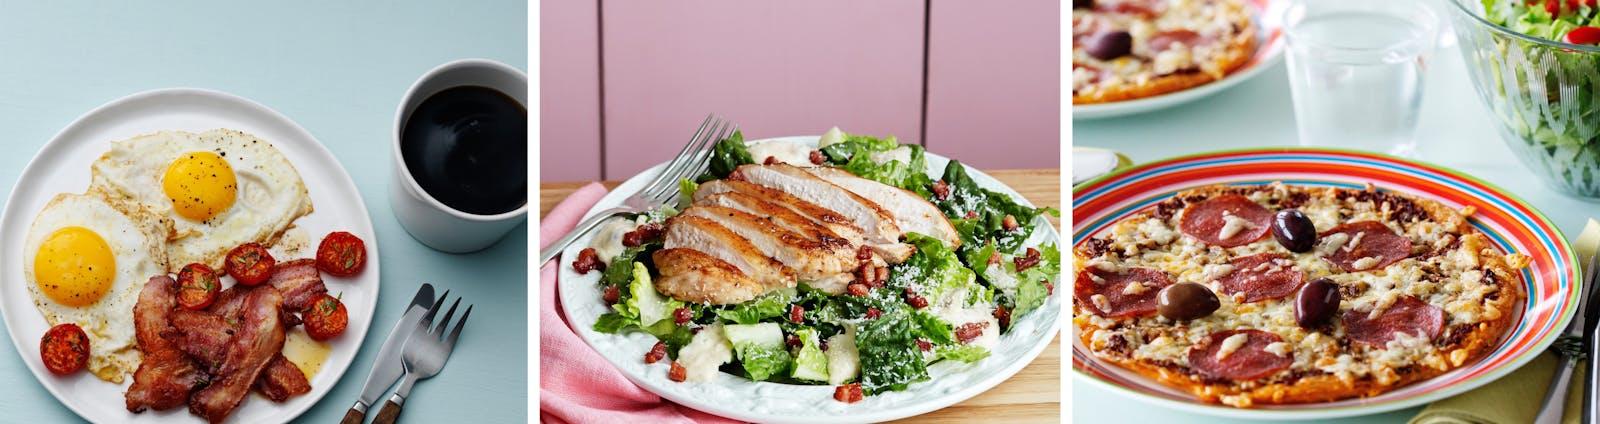 Planes alimenticios de 1600 calorías para la diabetes